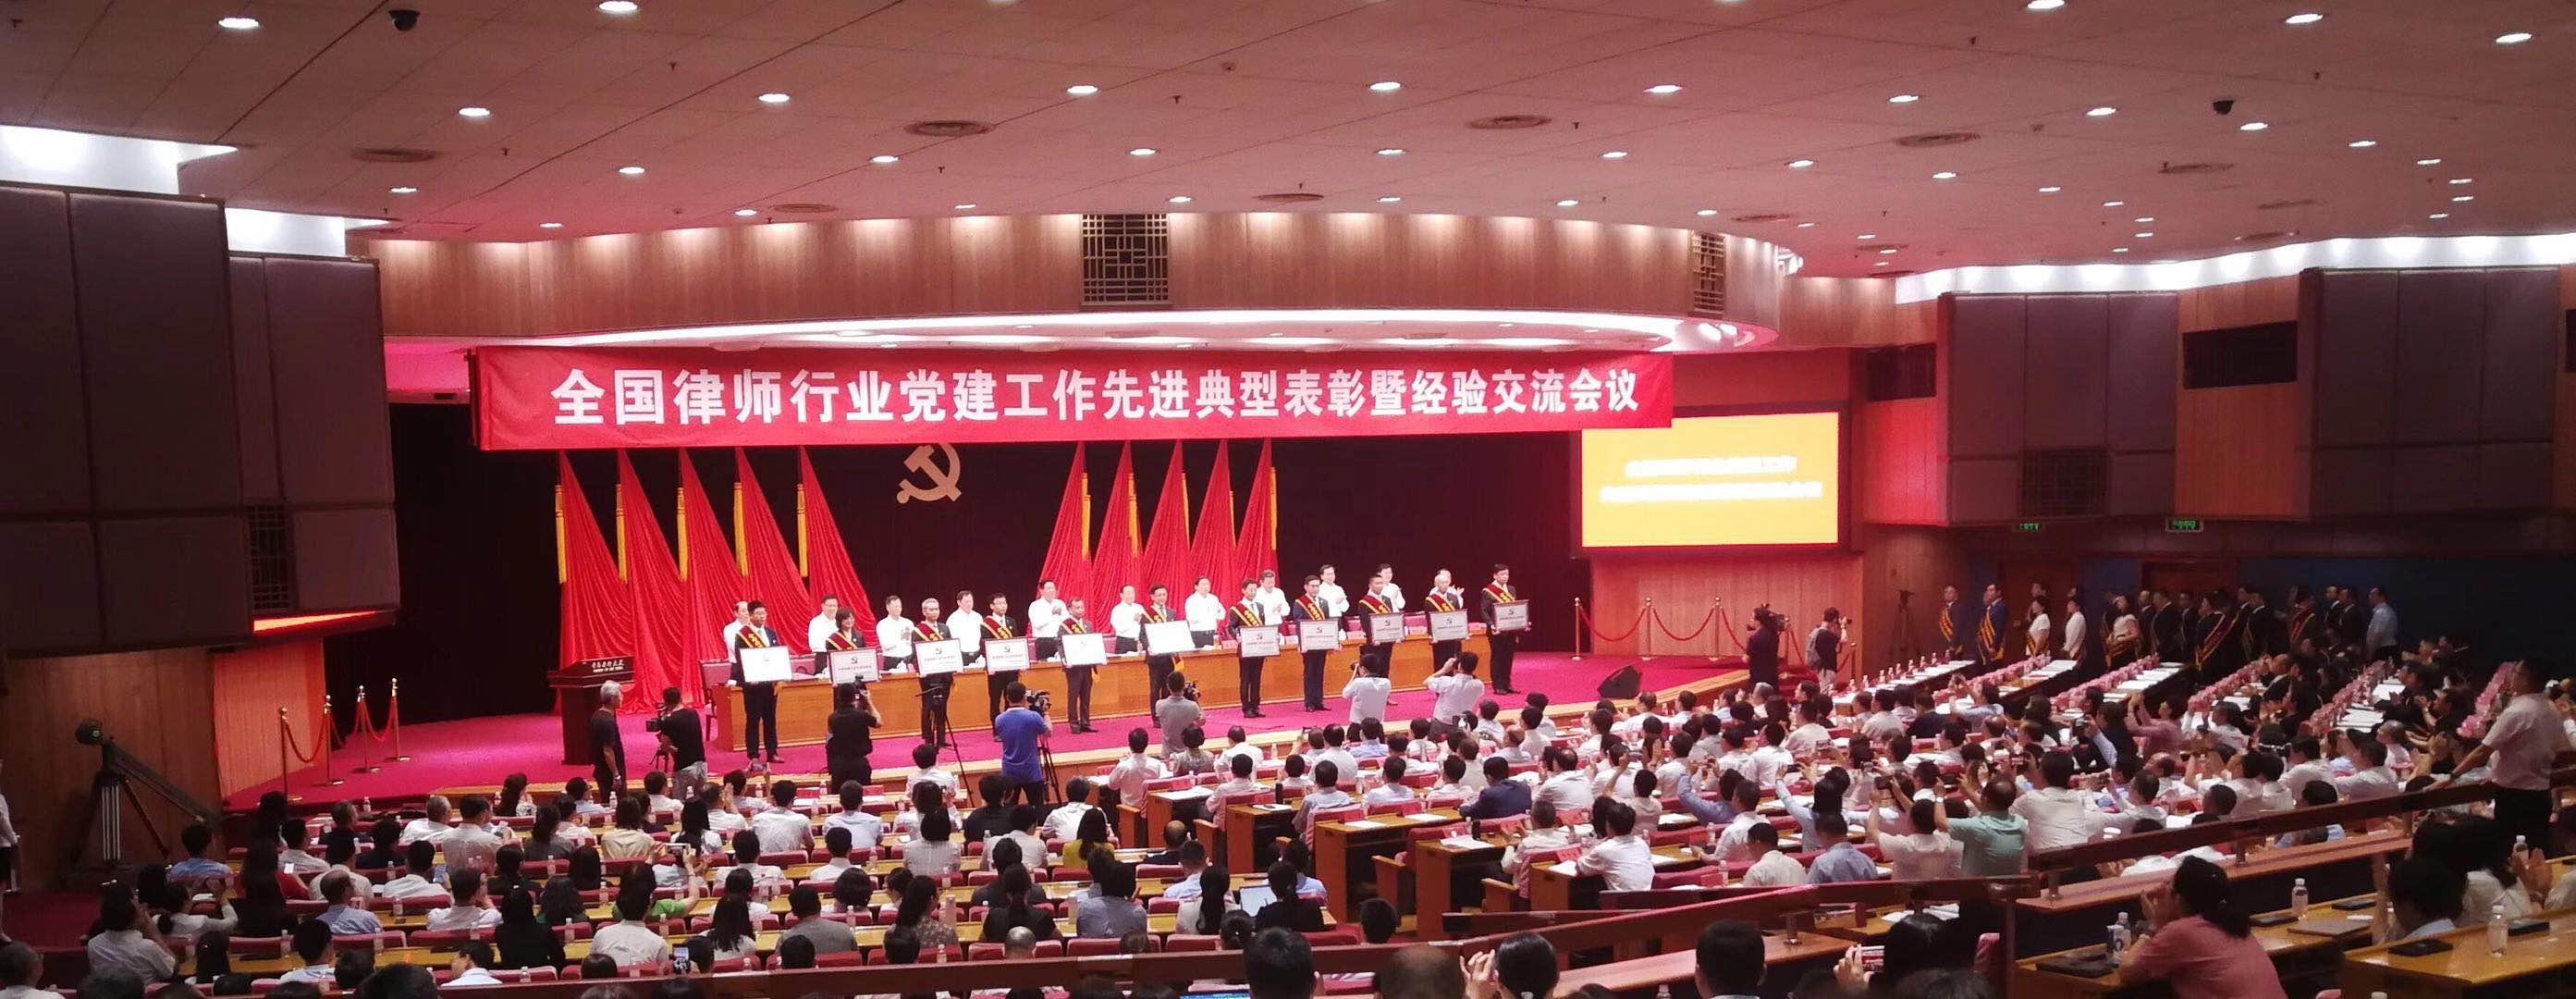 华政所党员律师参加全国律师行业党建工作先进典型表彰暨经验交流会议